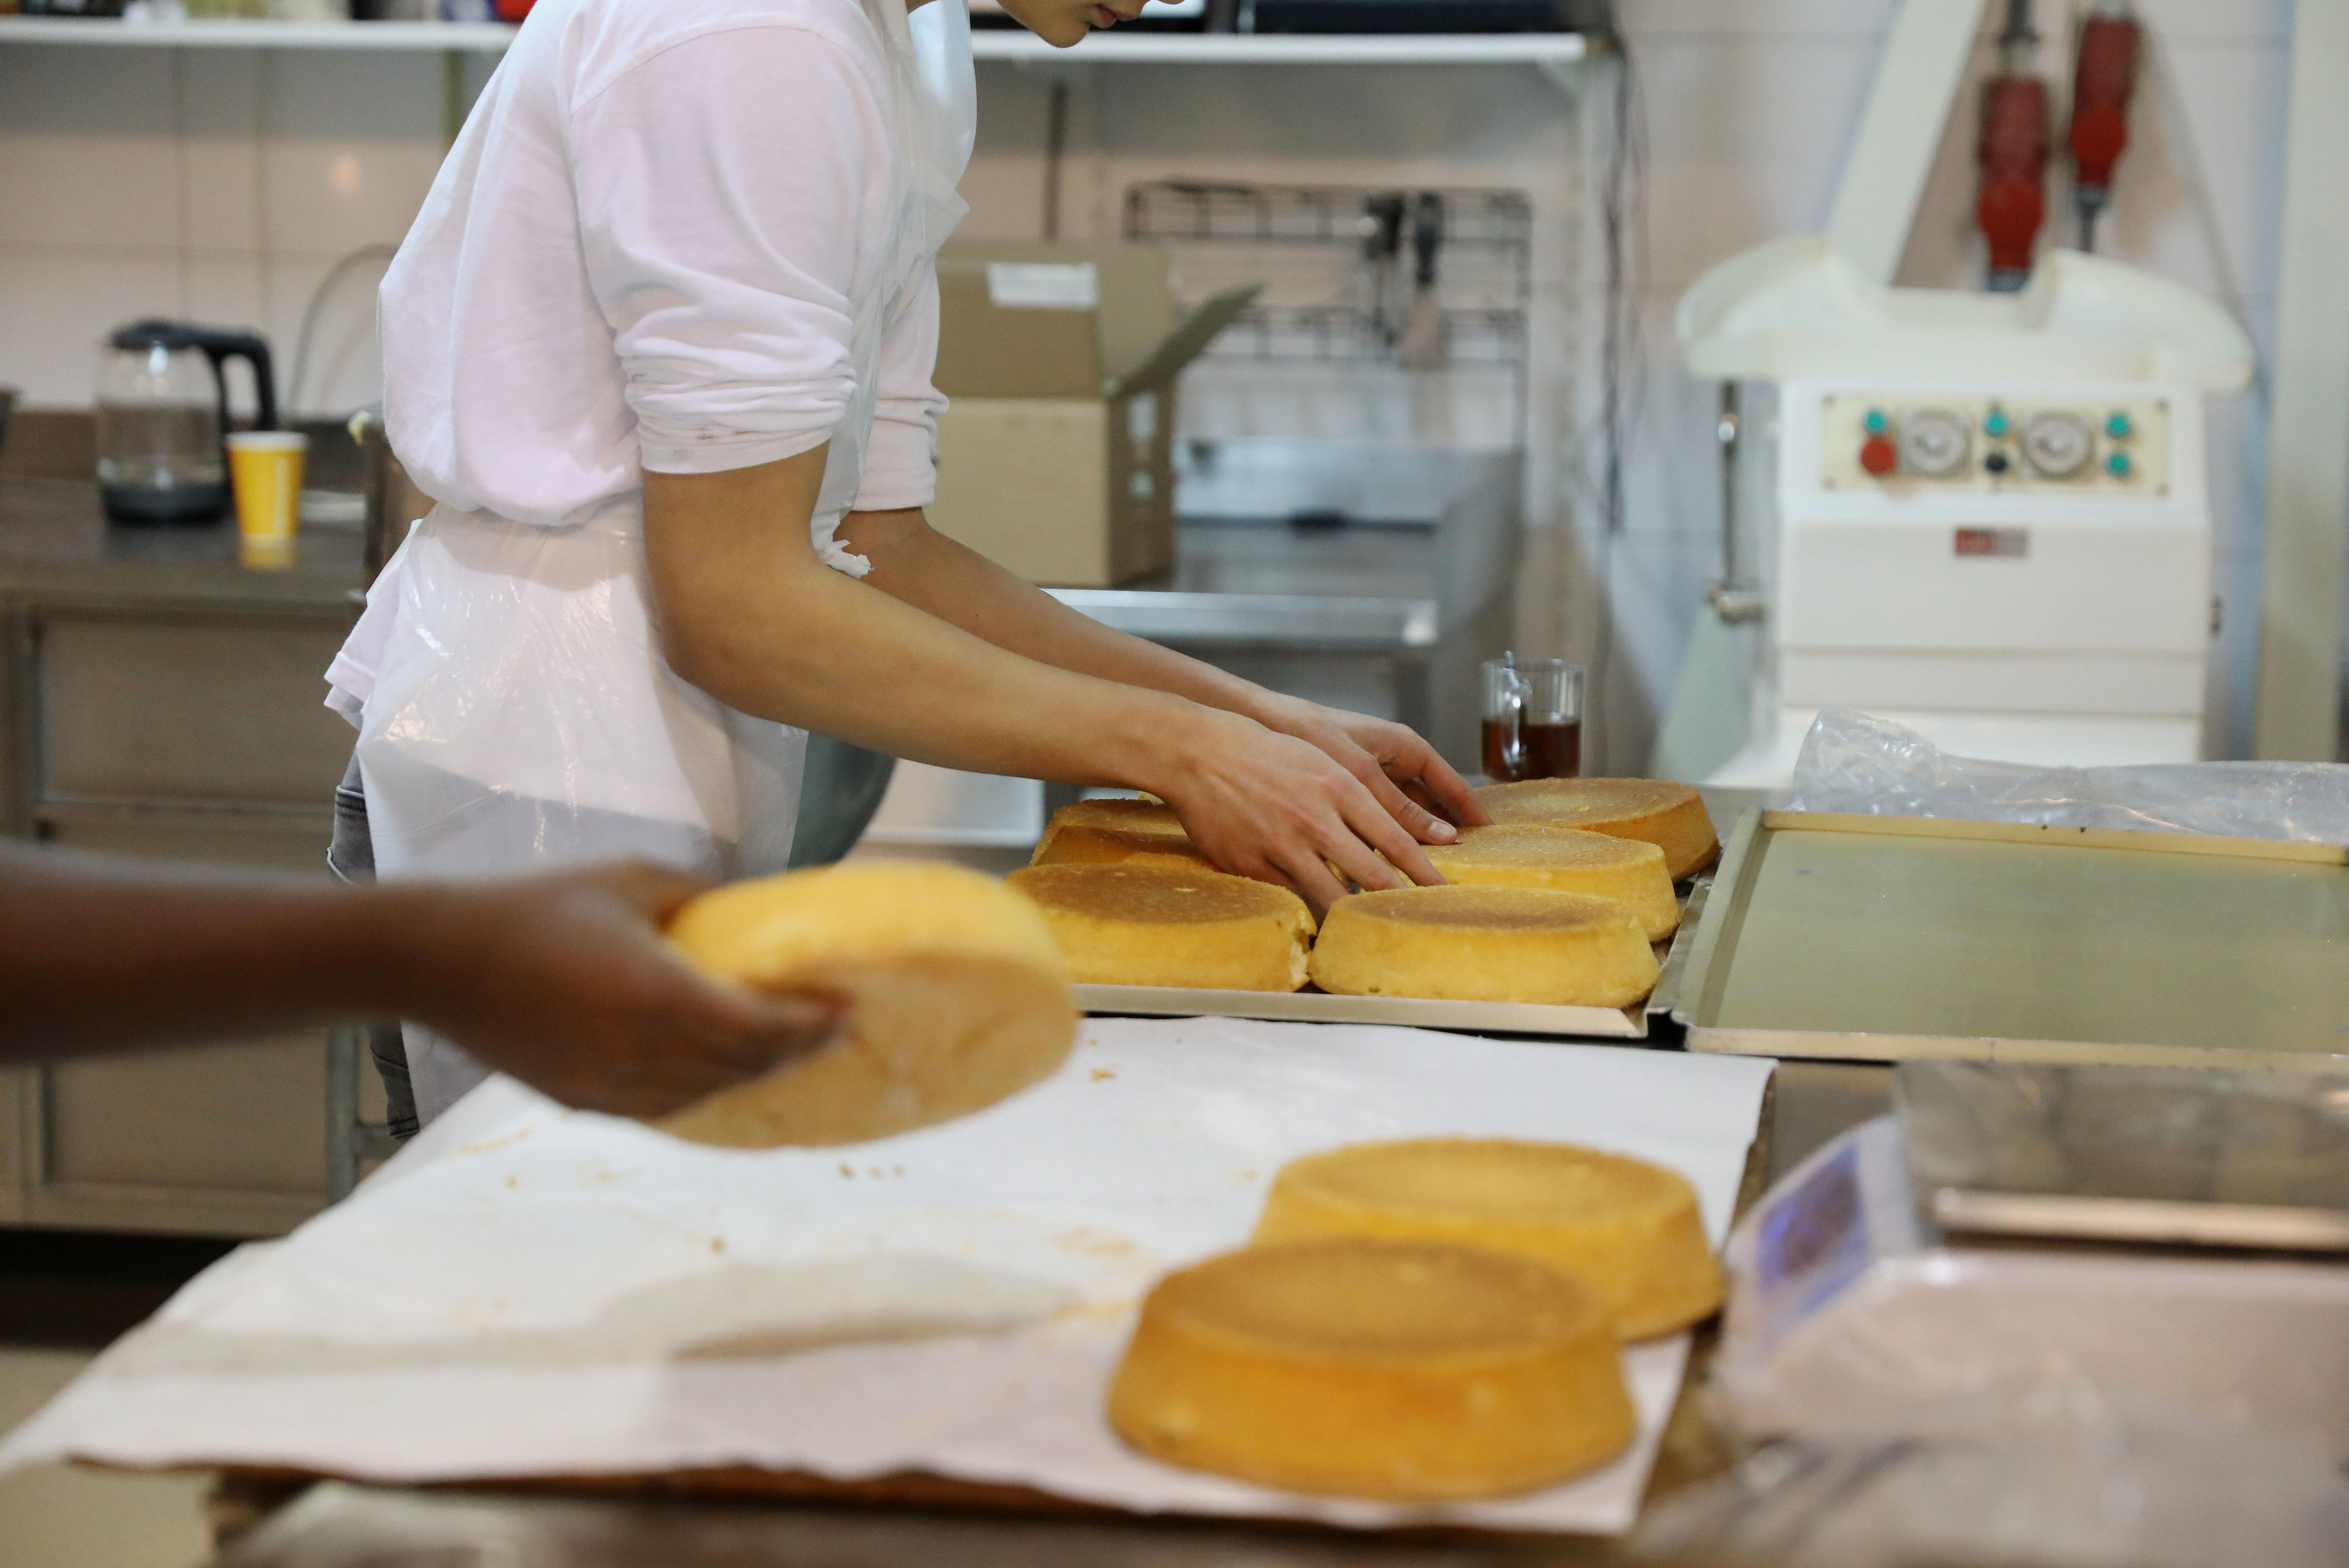 Steeds meer bakkerijen in ons land - Bakkerswereld